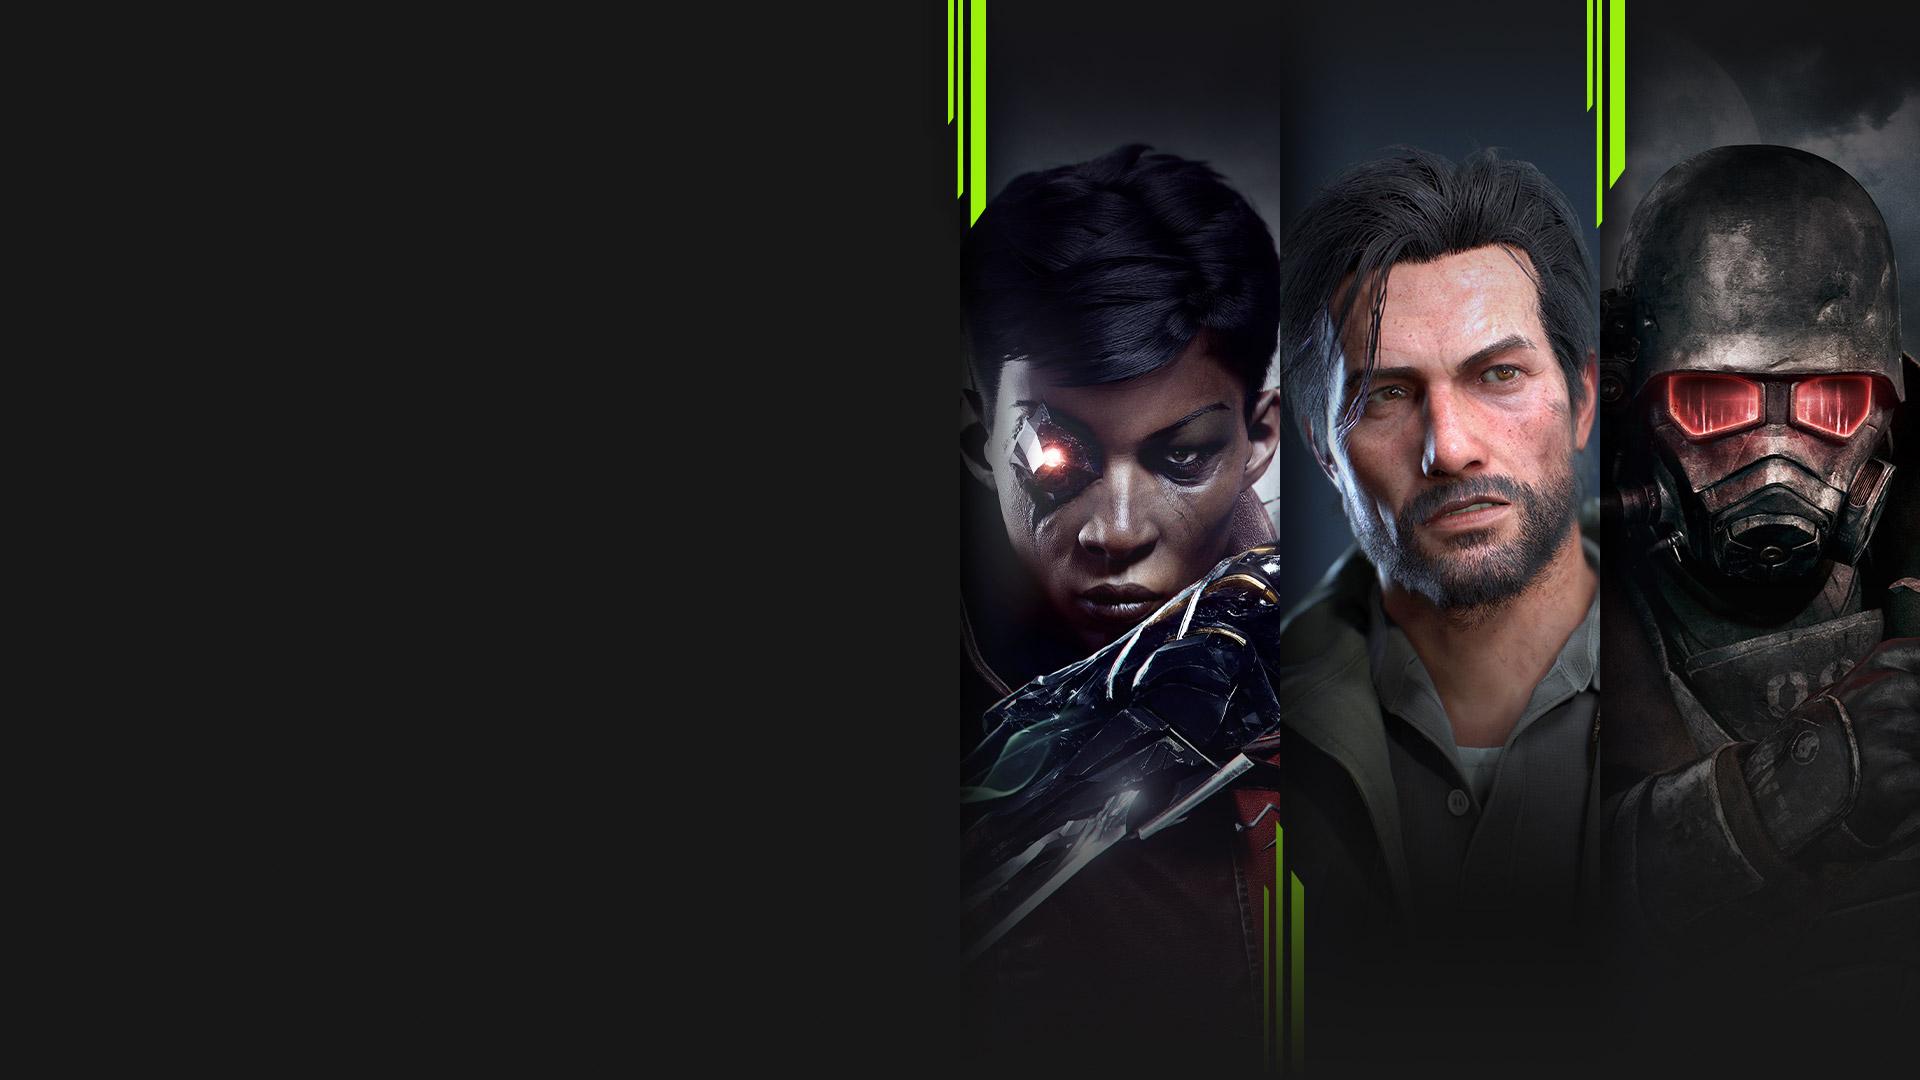 可在電腦上遊玩的多款 Xbox Game Pass 遊戲的畫面,包括 Dishonored: Death of the Outsider、The Evil Within 2、Fallout: New Vegas 和《浣熊硬探》。